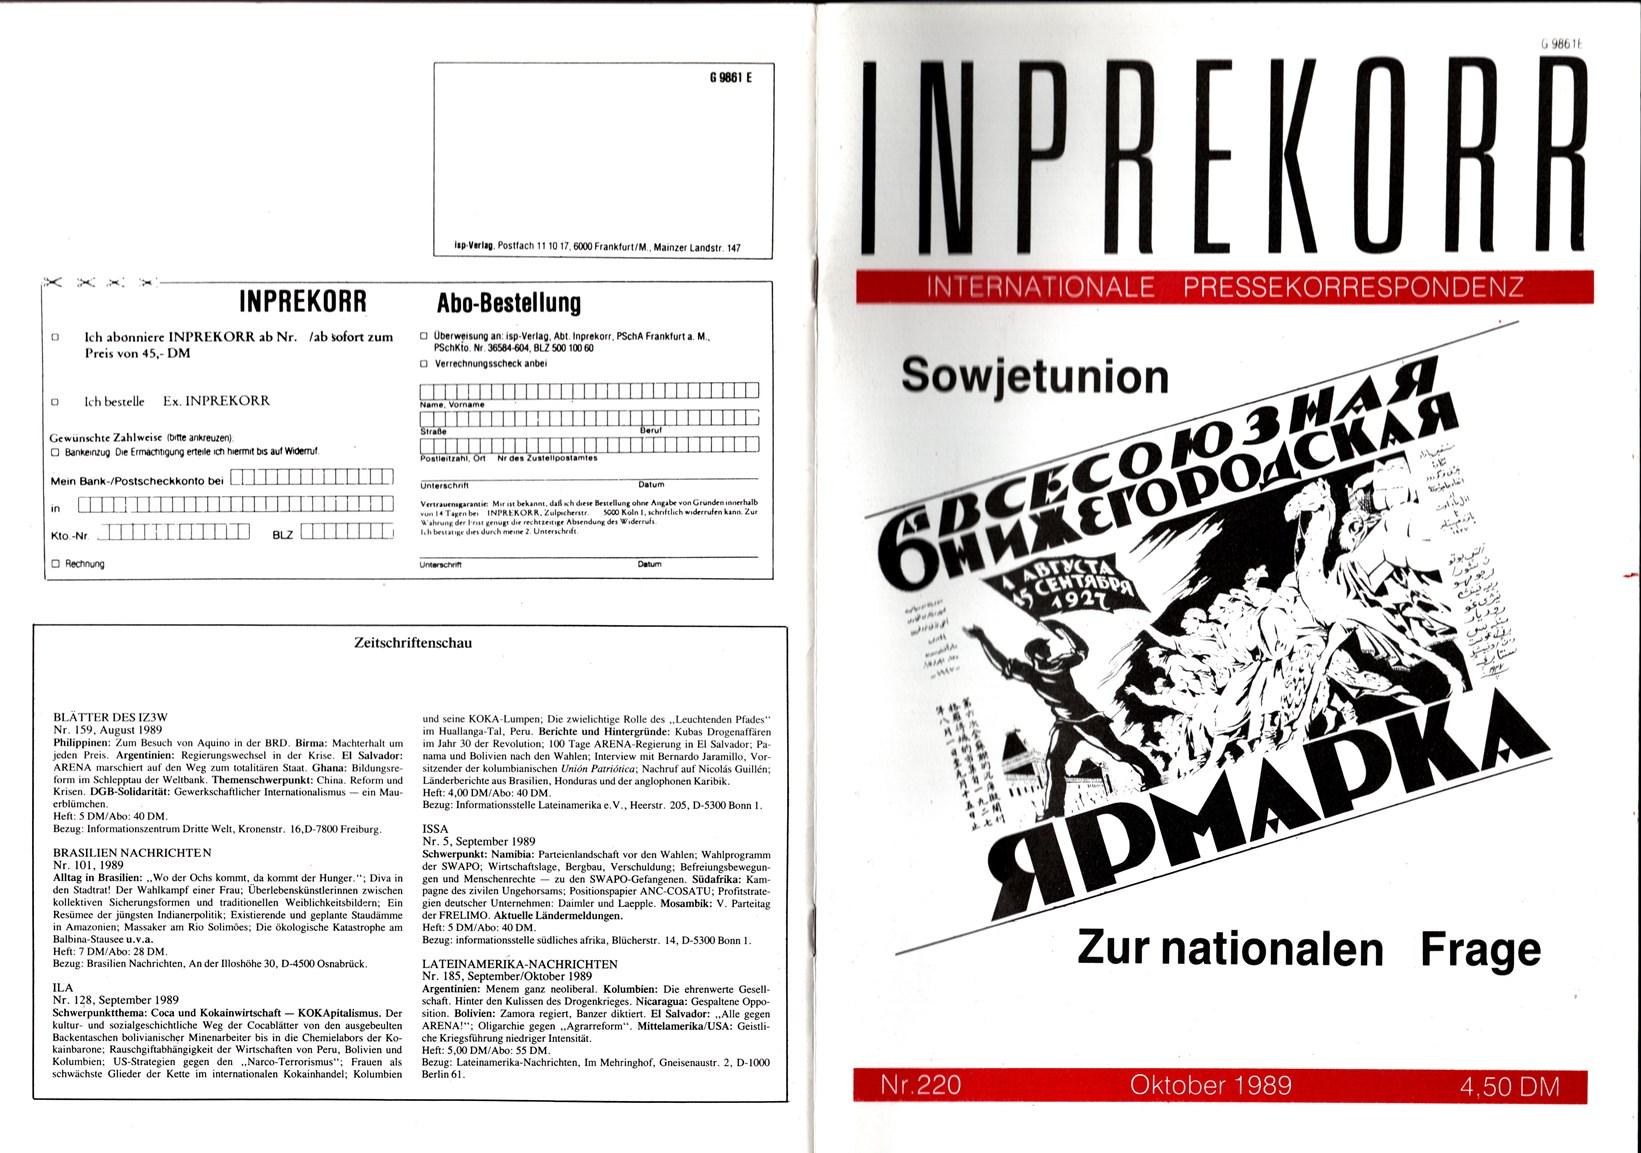 Inprekorr_19891000_220_001